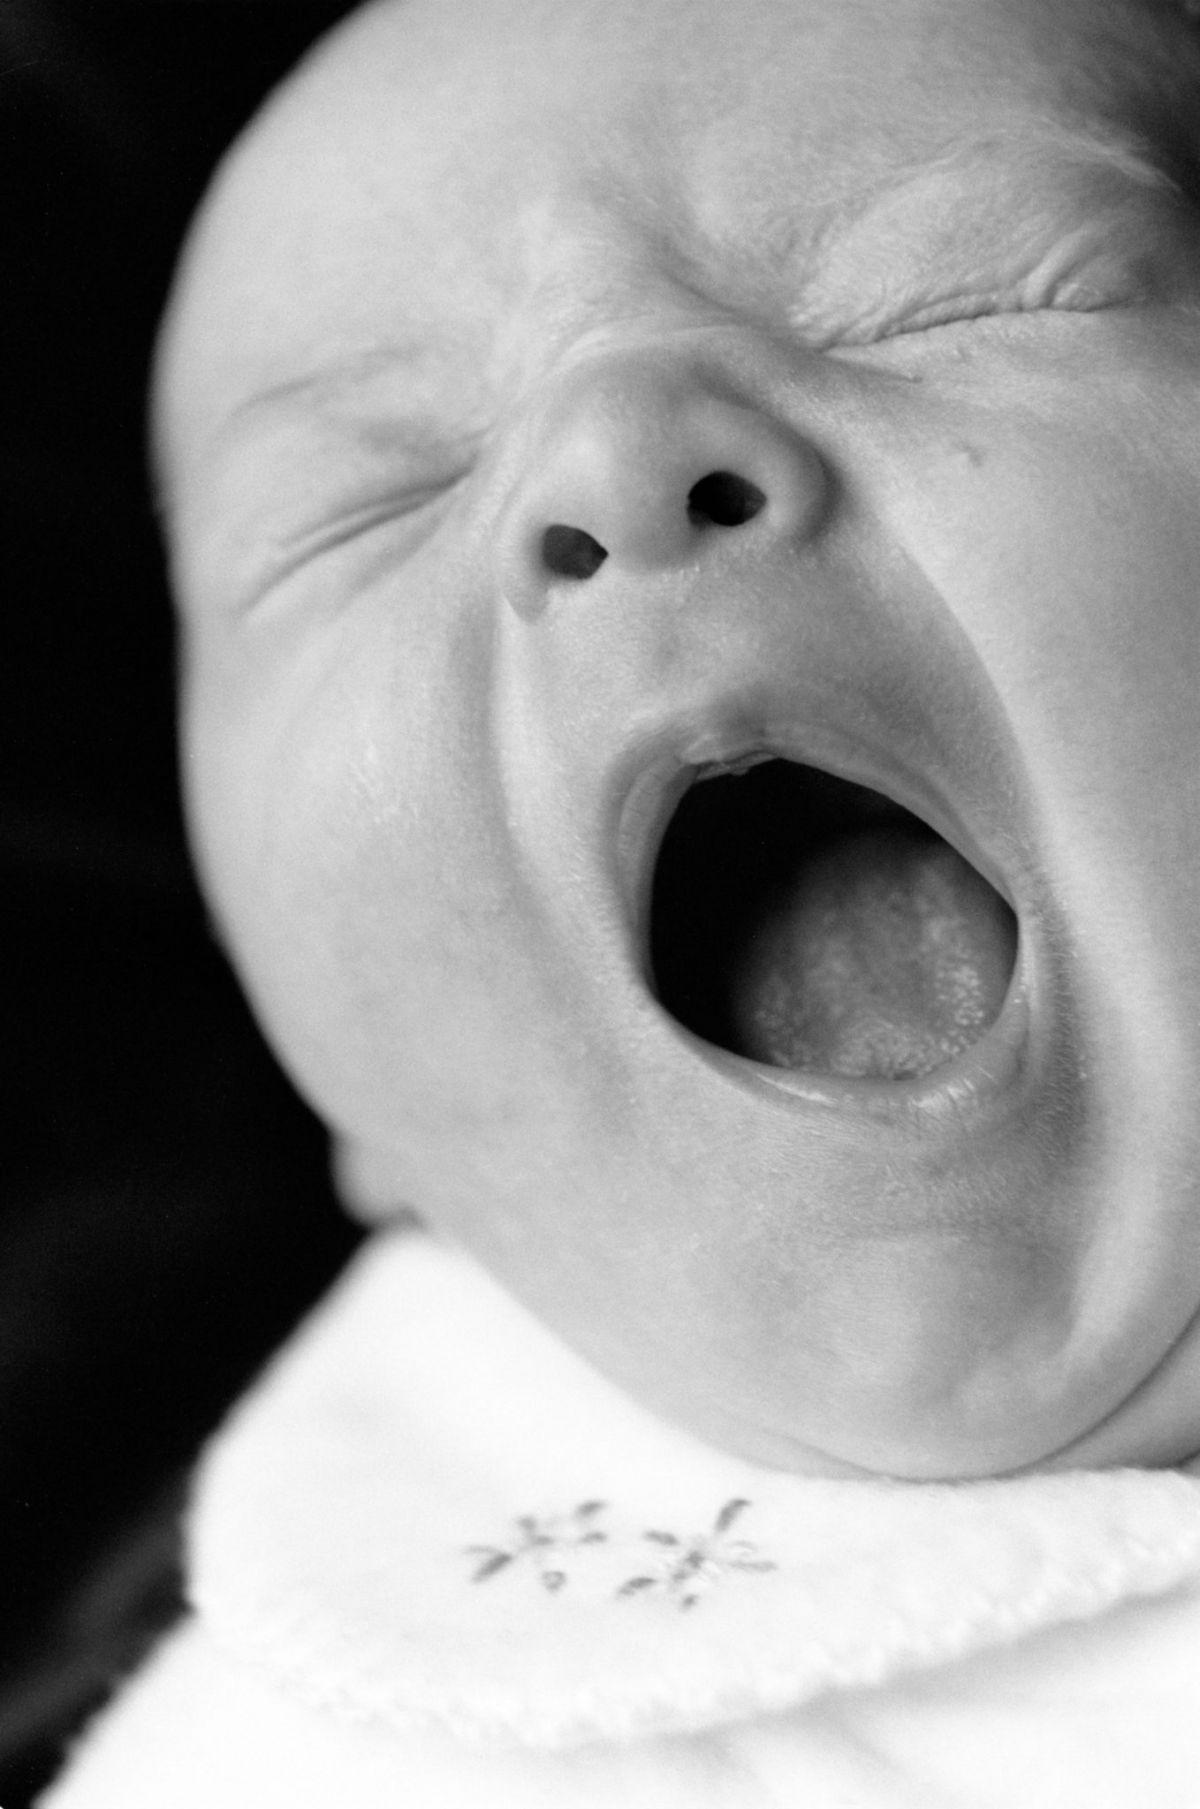 professional photo of baby yawning